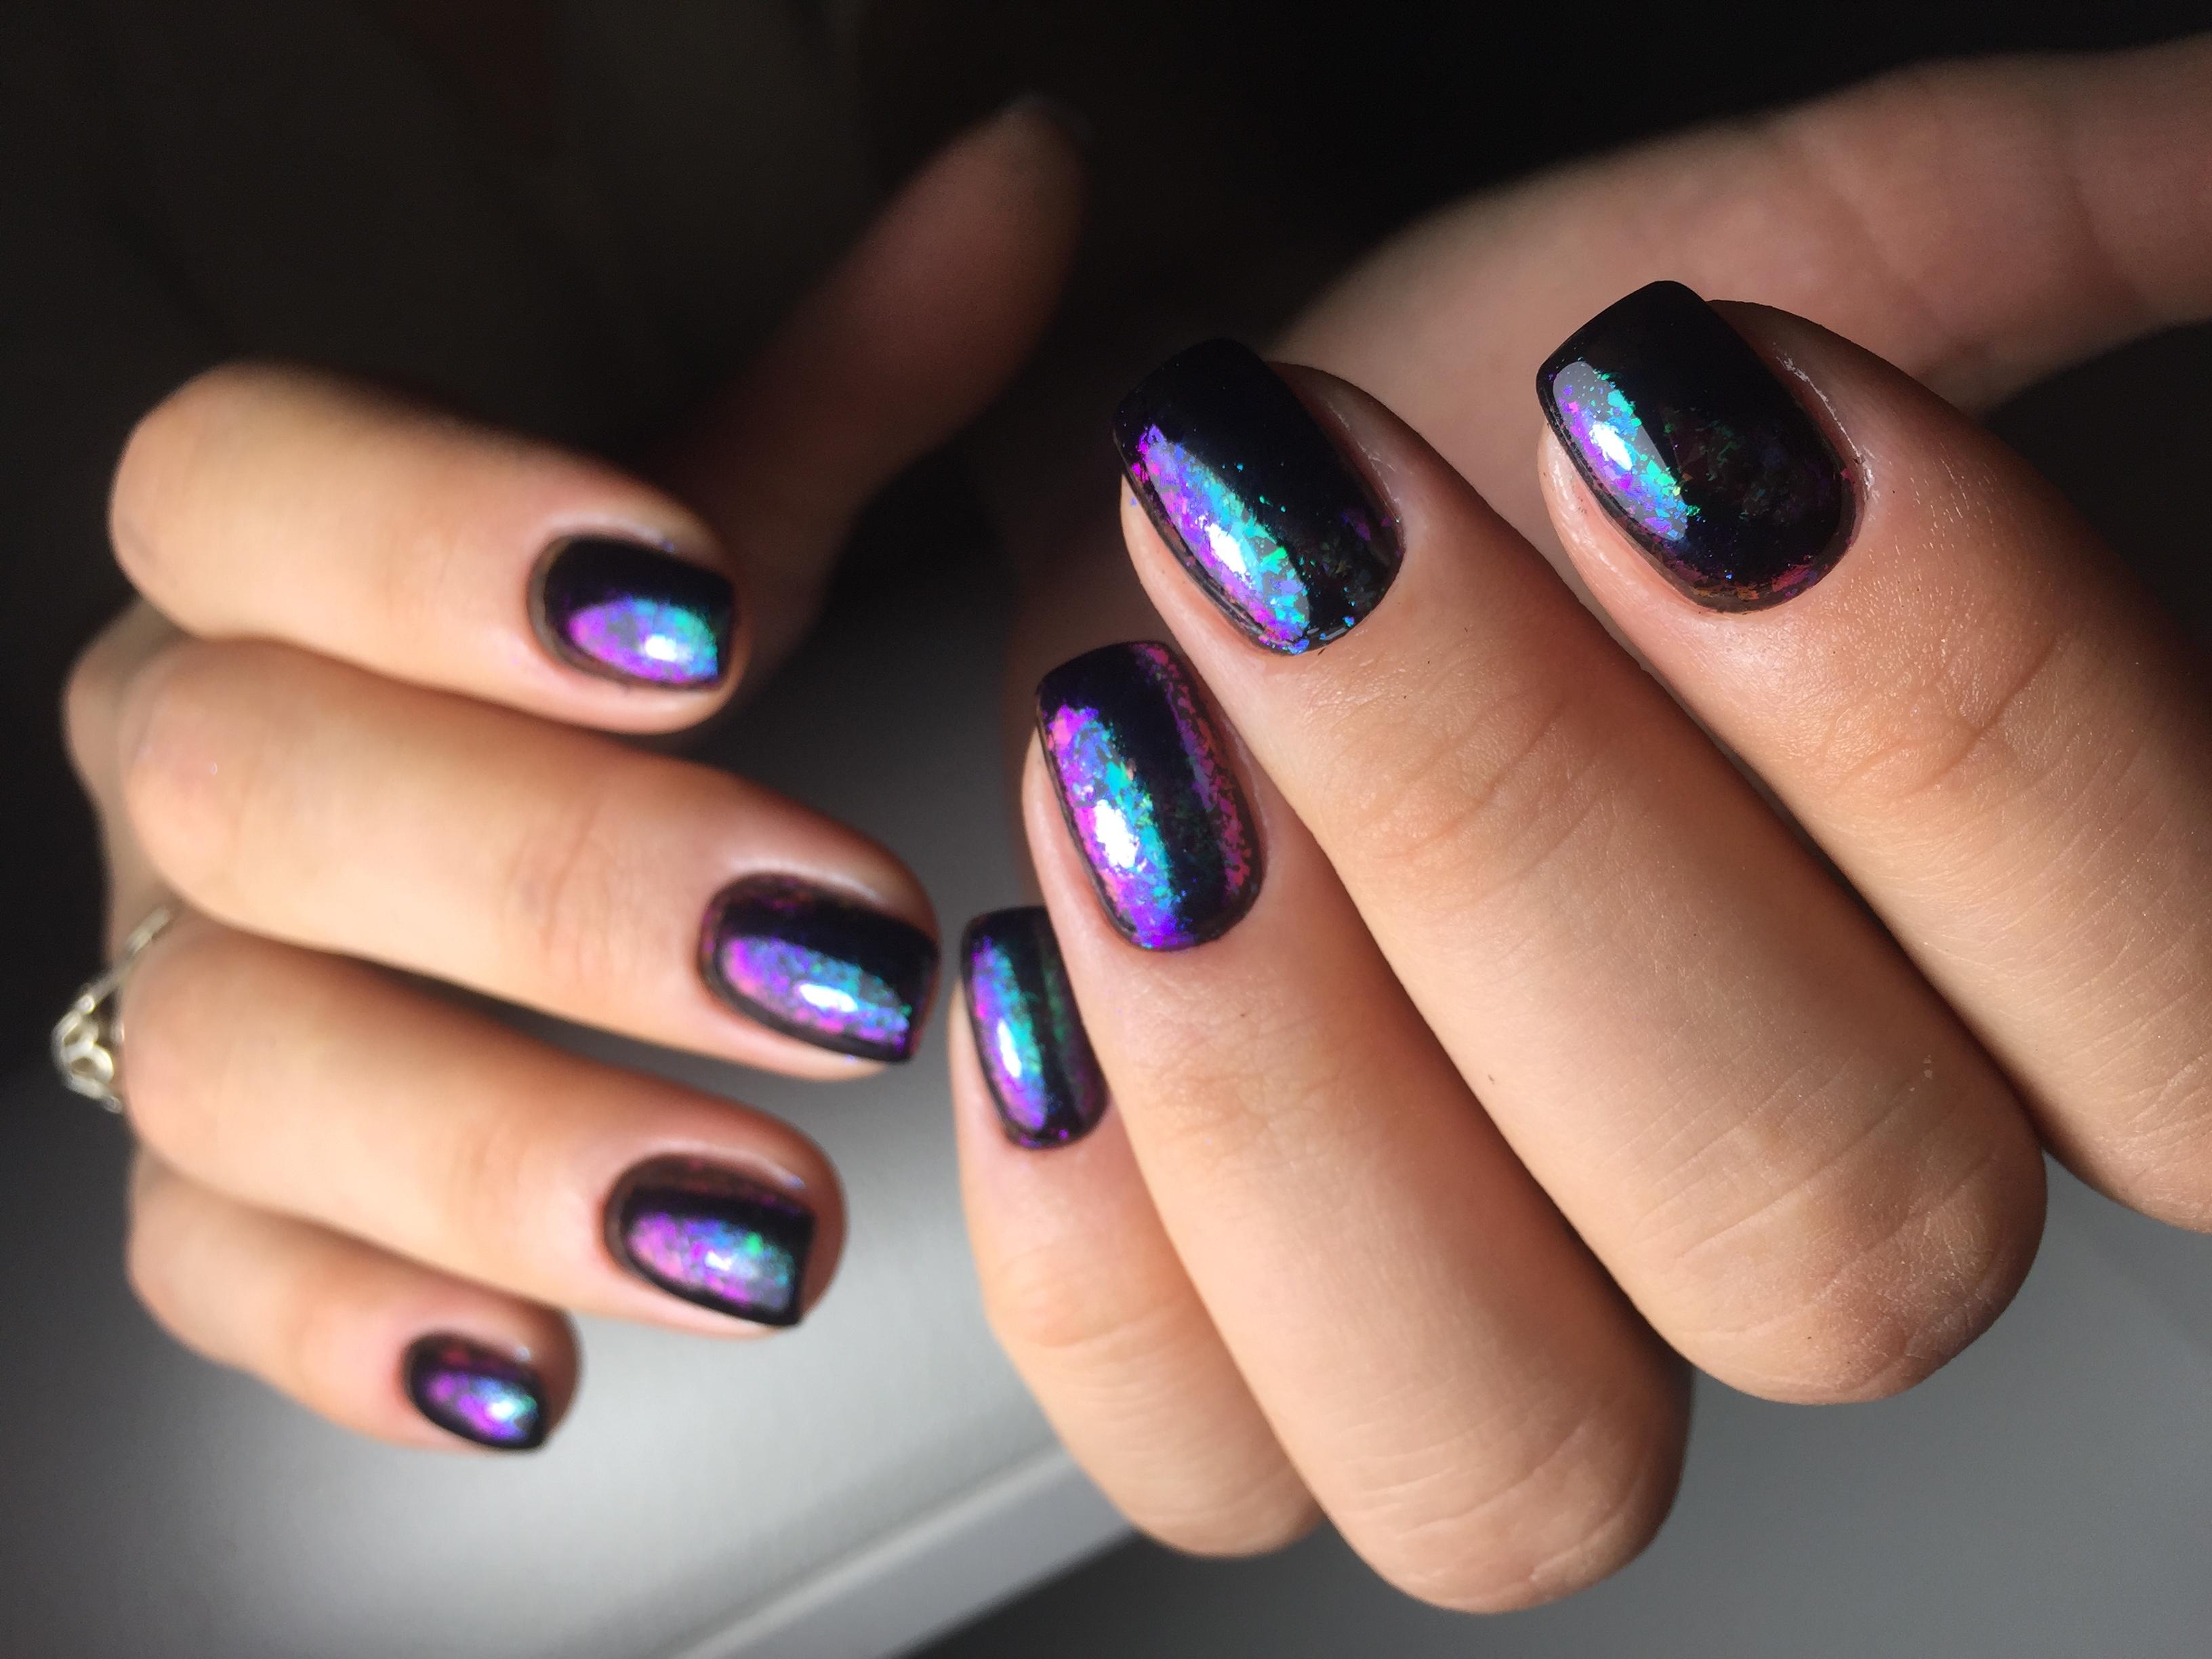 Космический маникюр с цветной фольгой в черном цвете на короткие ногти.